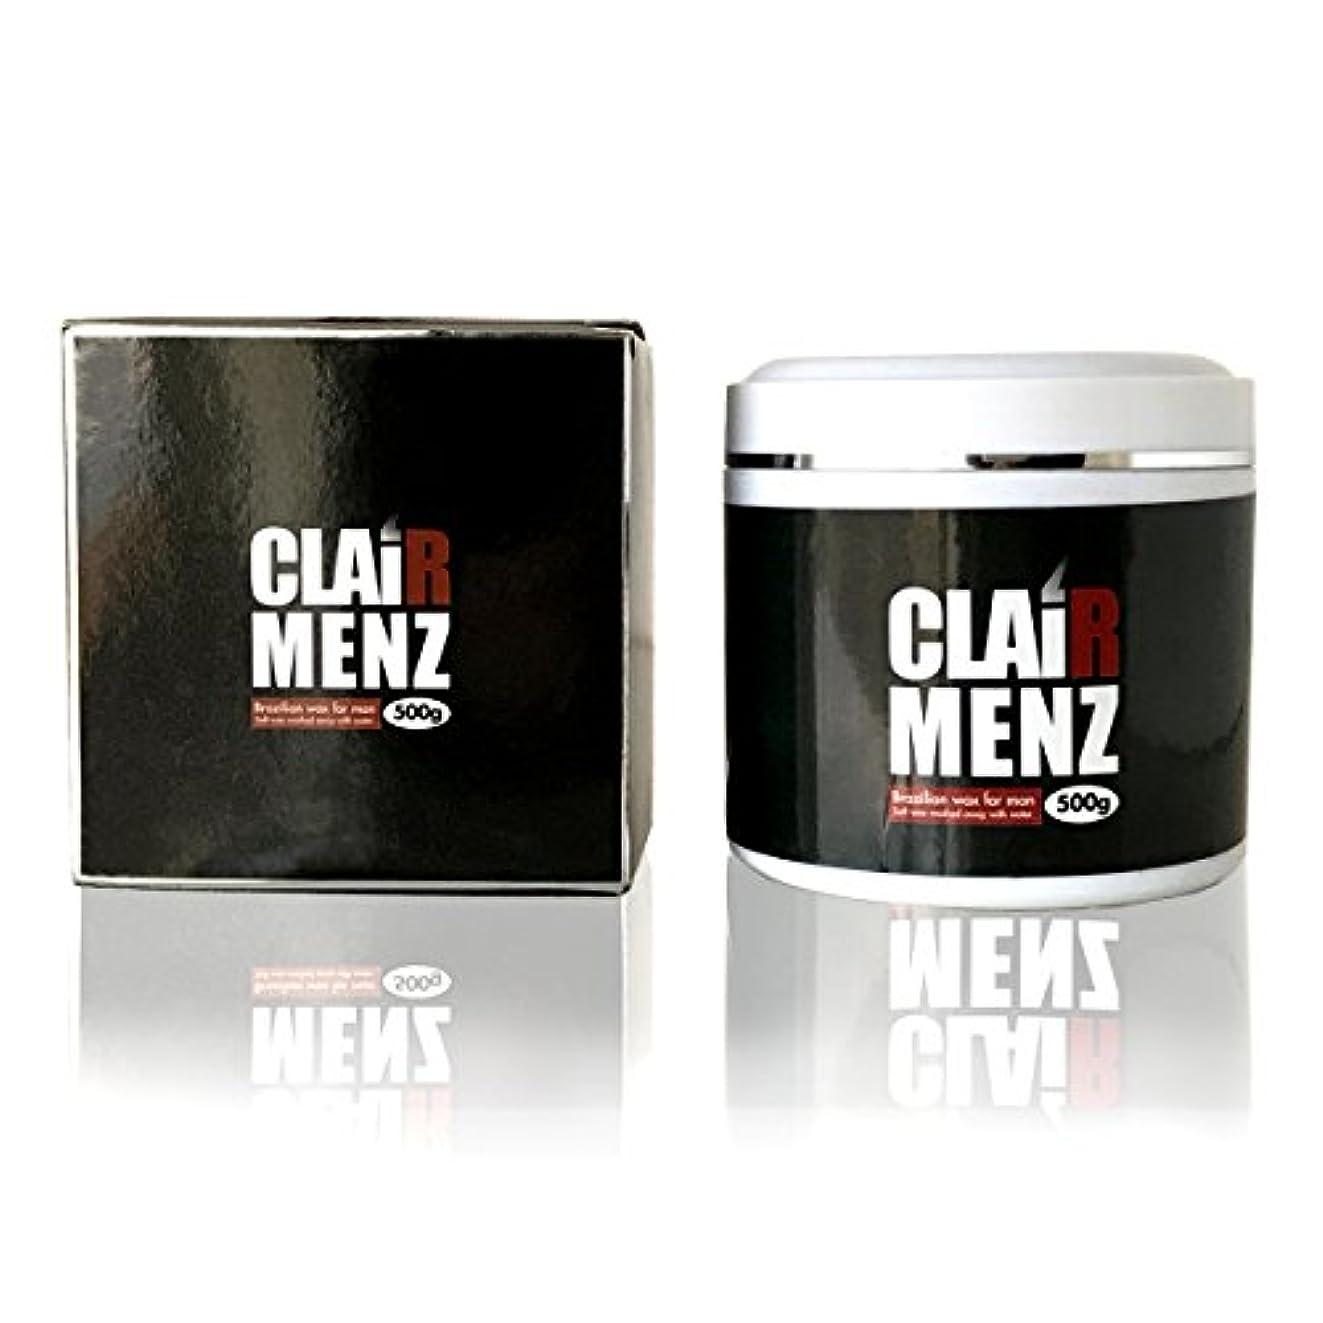 命令的成分キリスト教ブラジリアンワックス メンズ専用 clair Menz wax 500g(単品) メンズ脱毛専用ラベル 無添加ワックス 脱毛ワックス